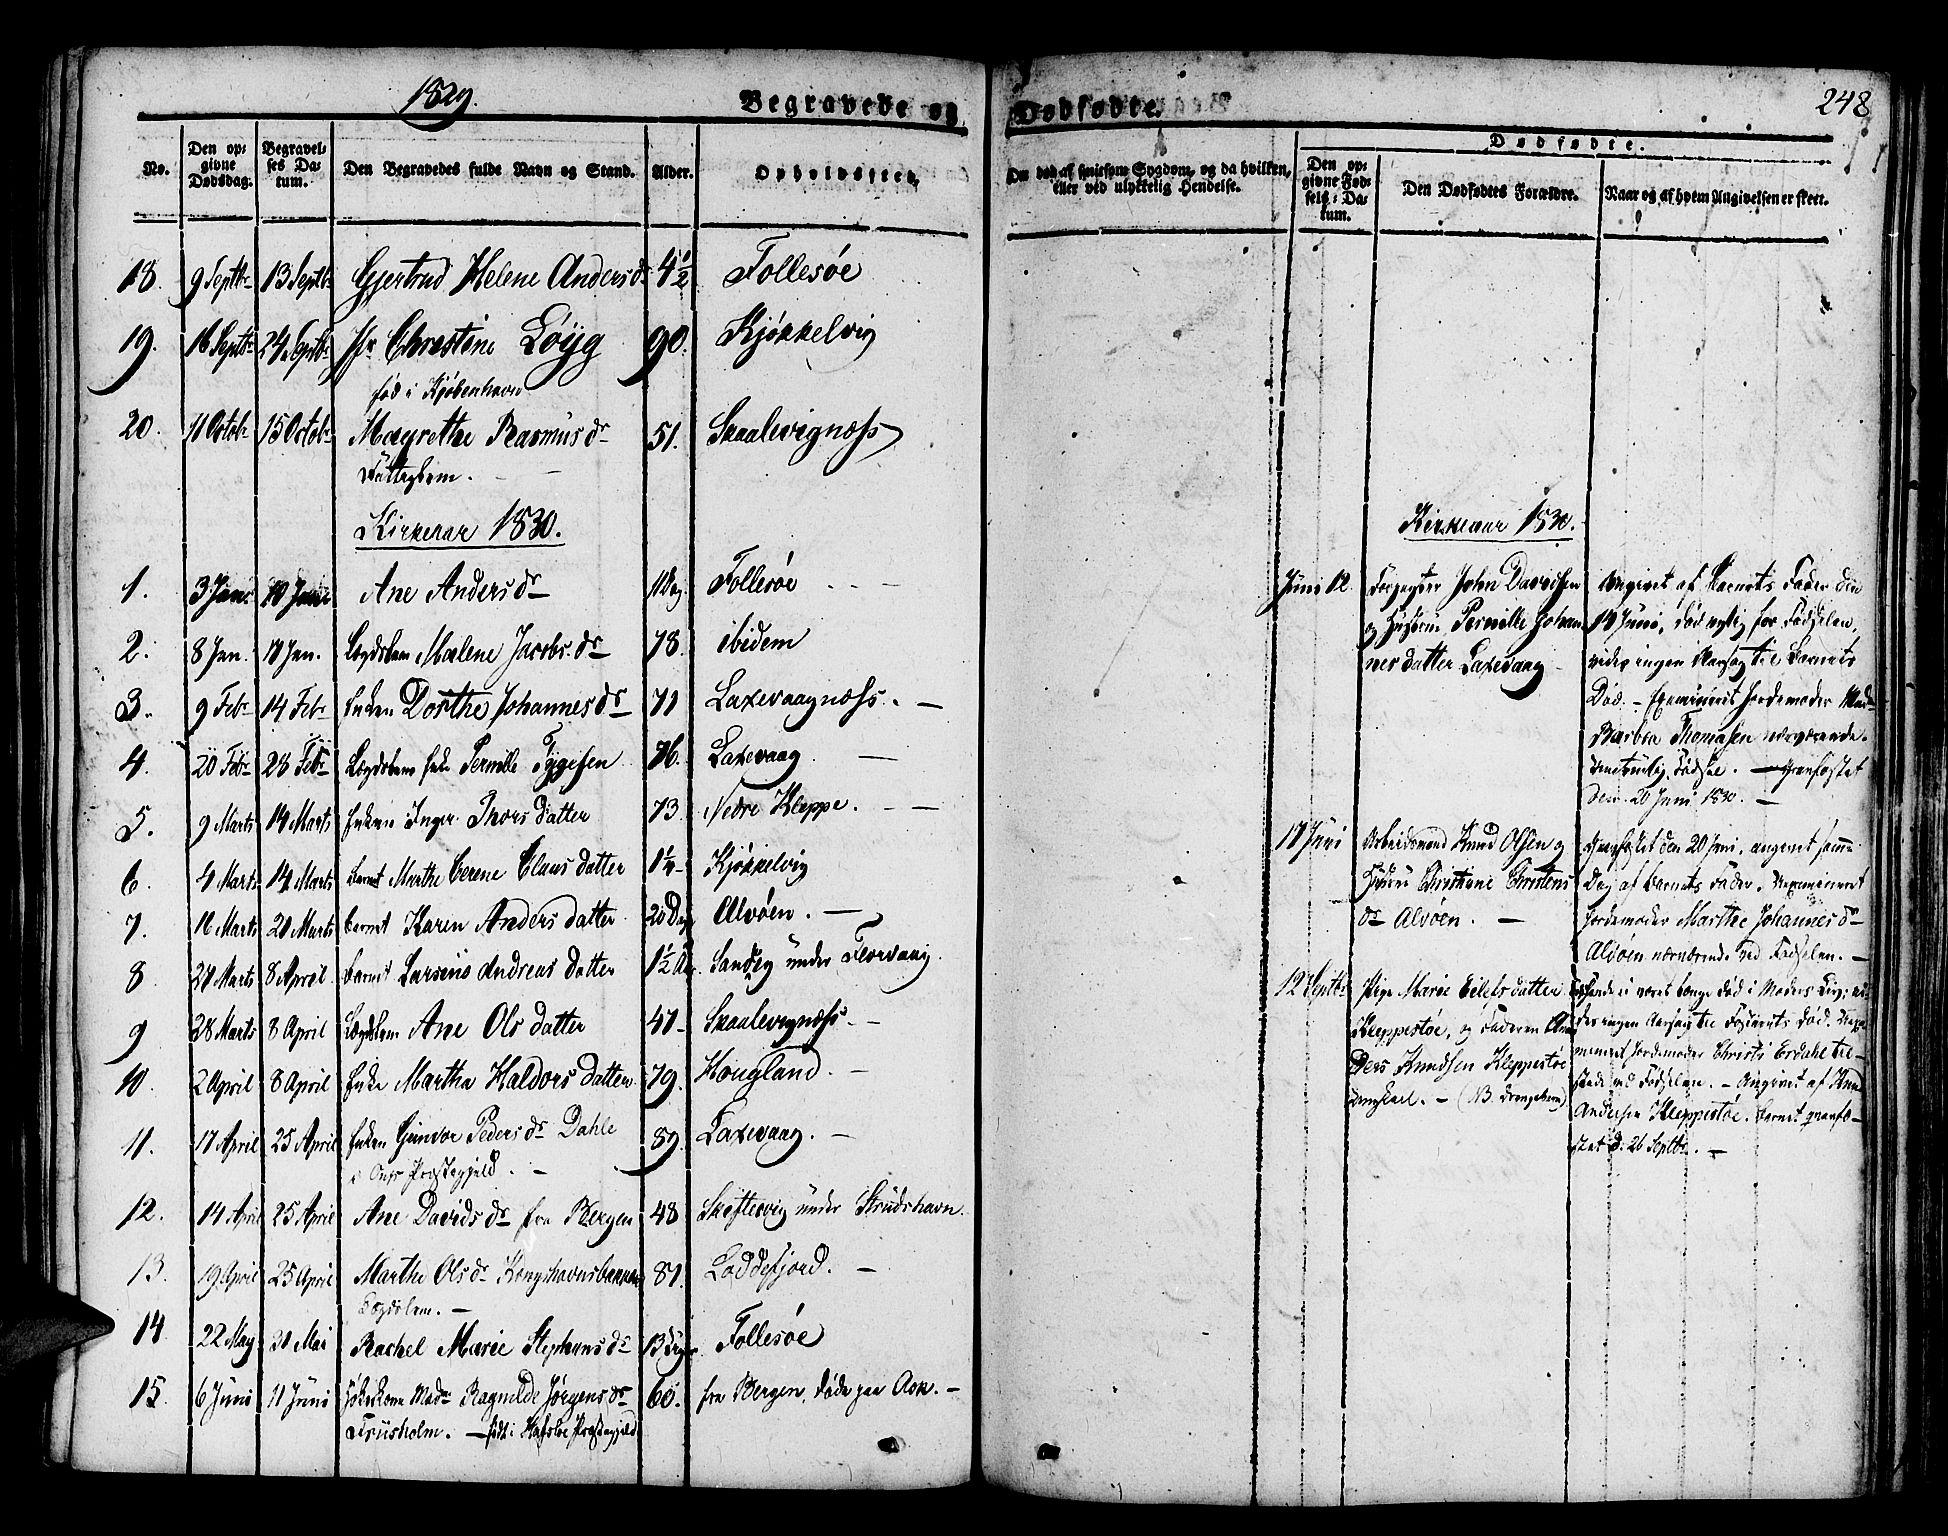 SAB, Askøy Sokneprestembete, H/Ha/Haa/Haaa/L0004: Parish register (official) no. A 4, 1825-1845, p. 248